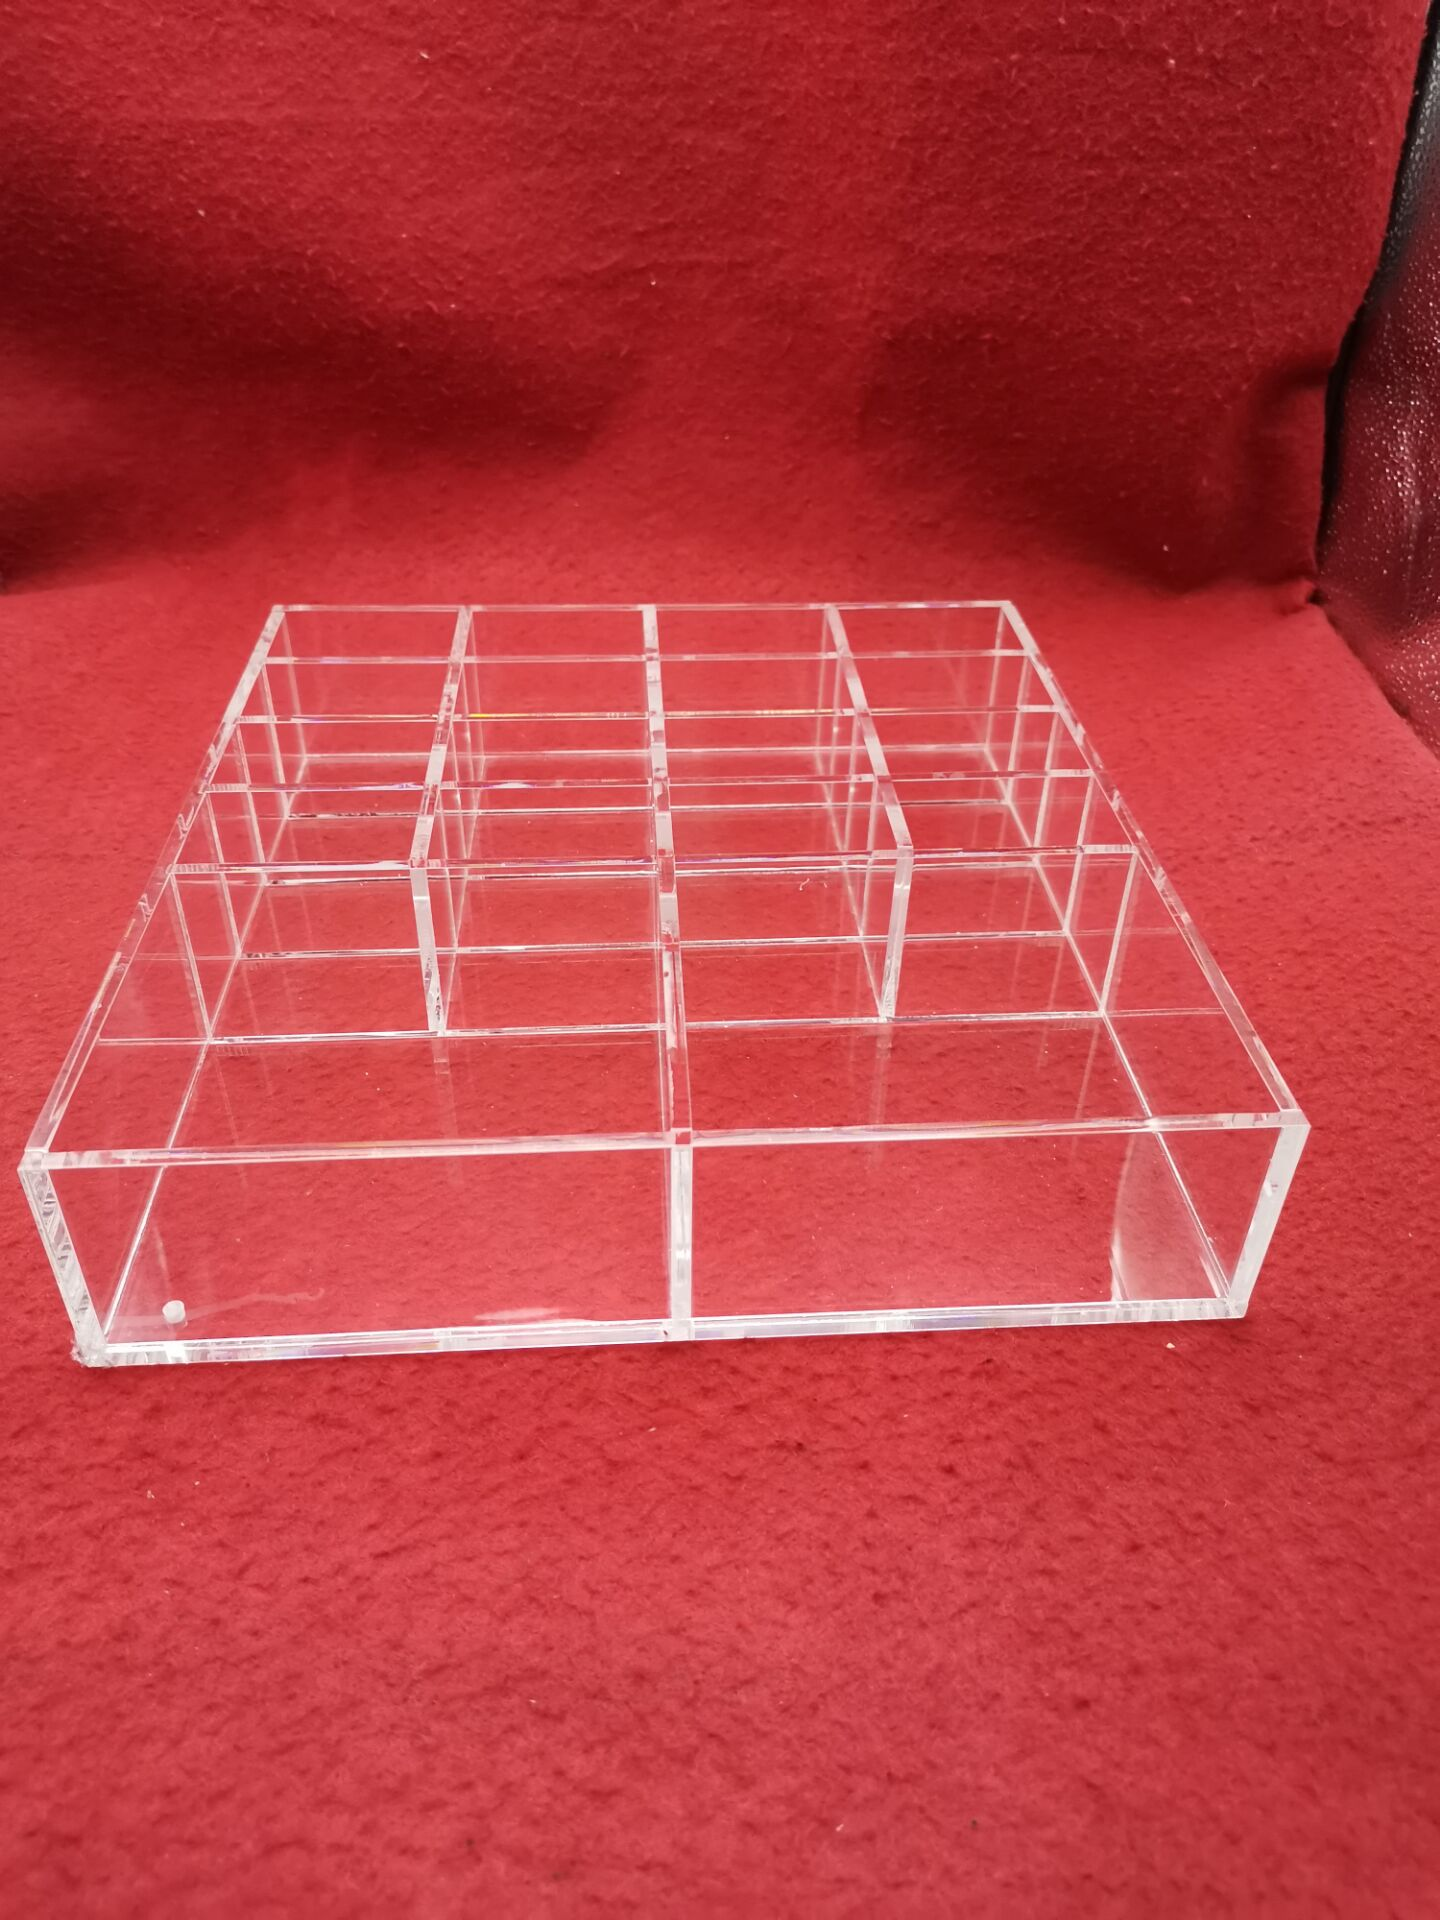 安君有机玻璃亚克力制品厂定制批发加工可拆式粘接格子储物收纳盒